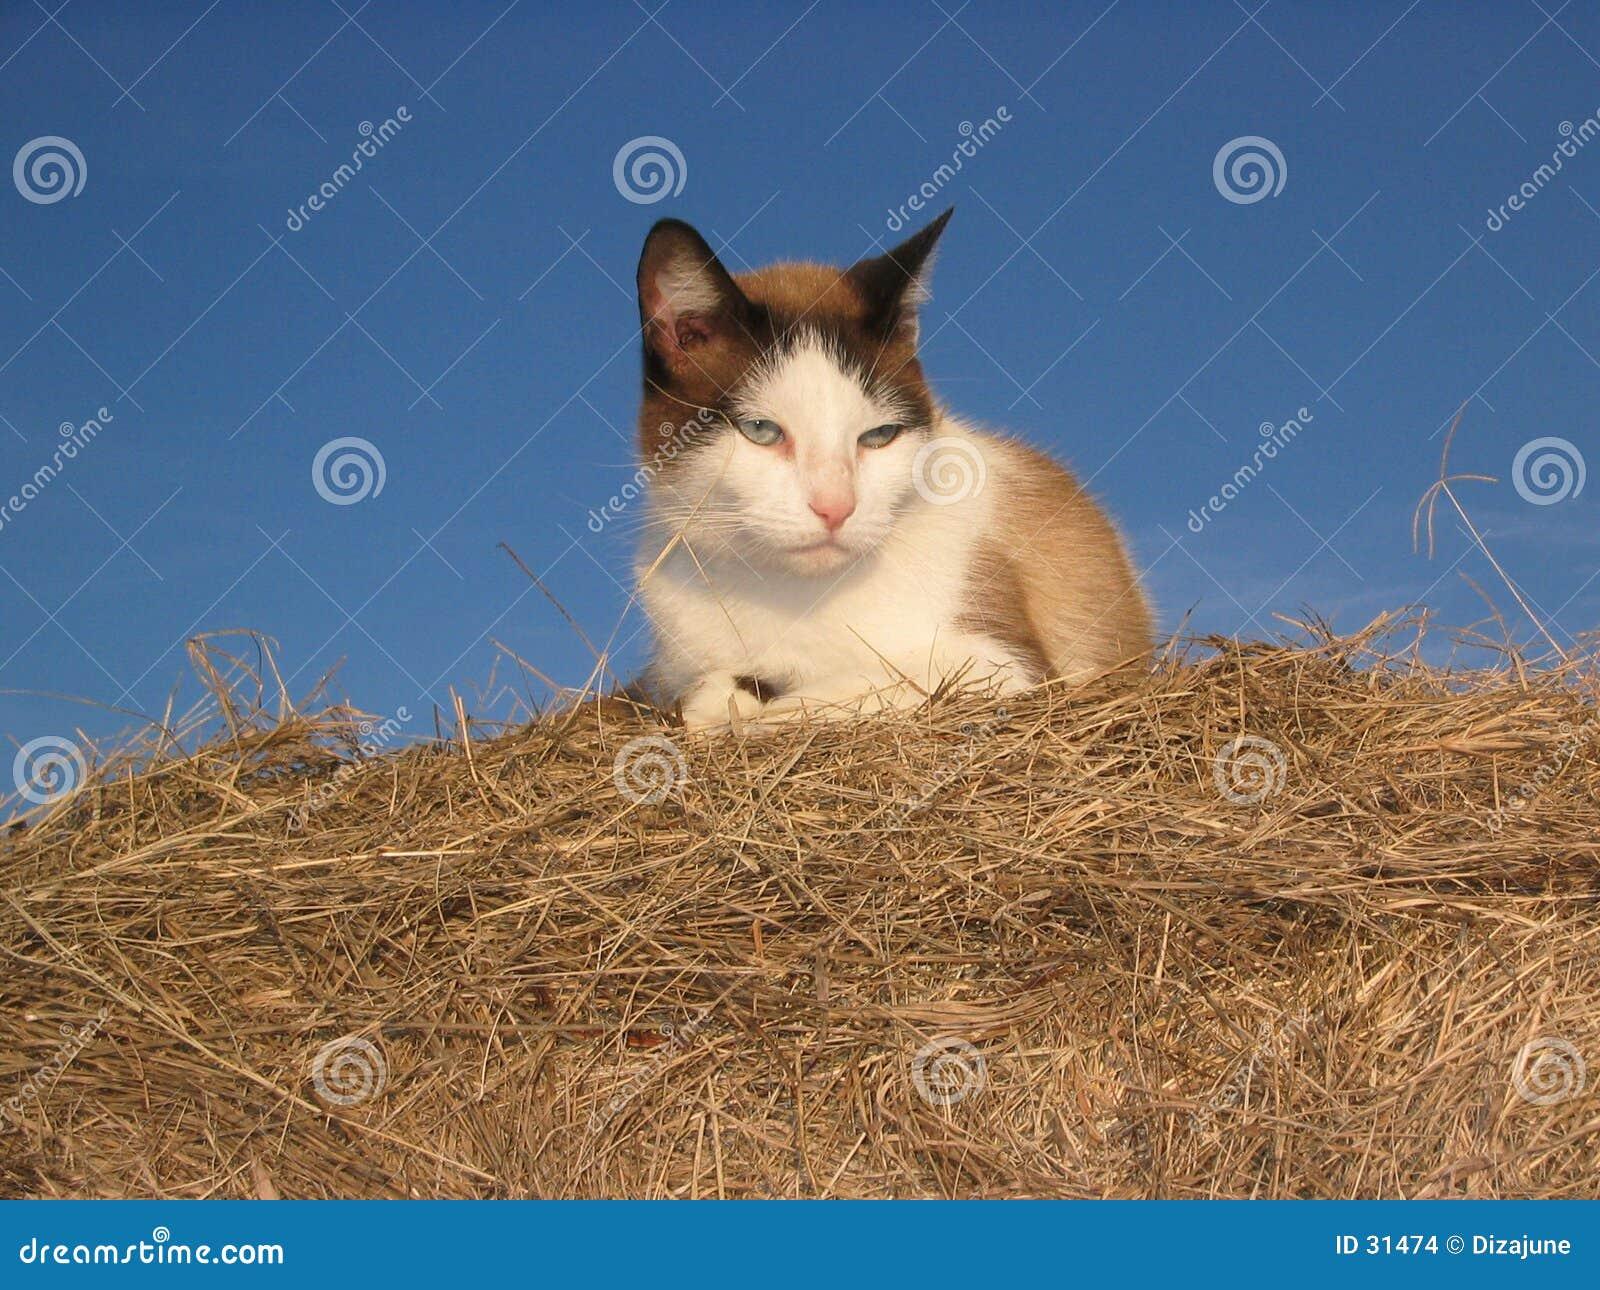 Download Katze im Heu stockfoto. Bild von katzenartig, pelz, schläfrig - 31474